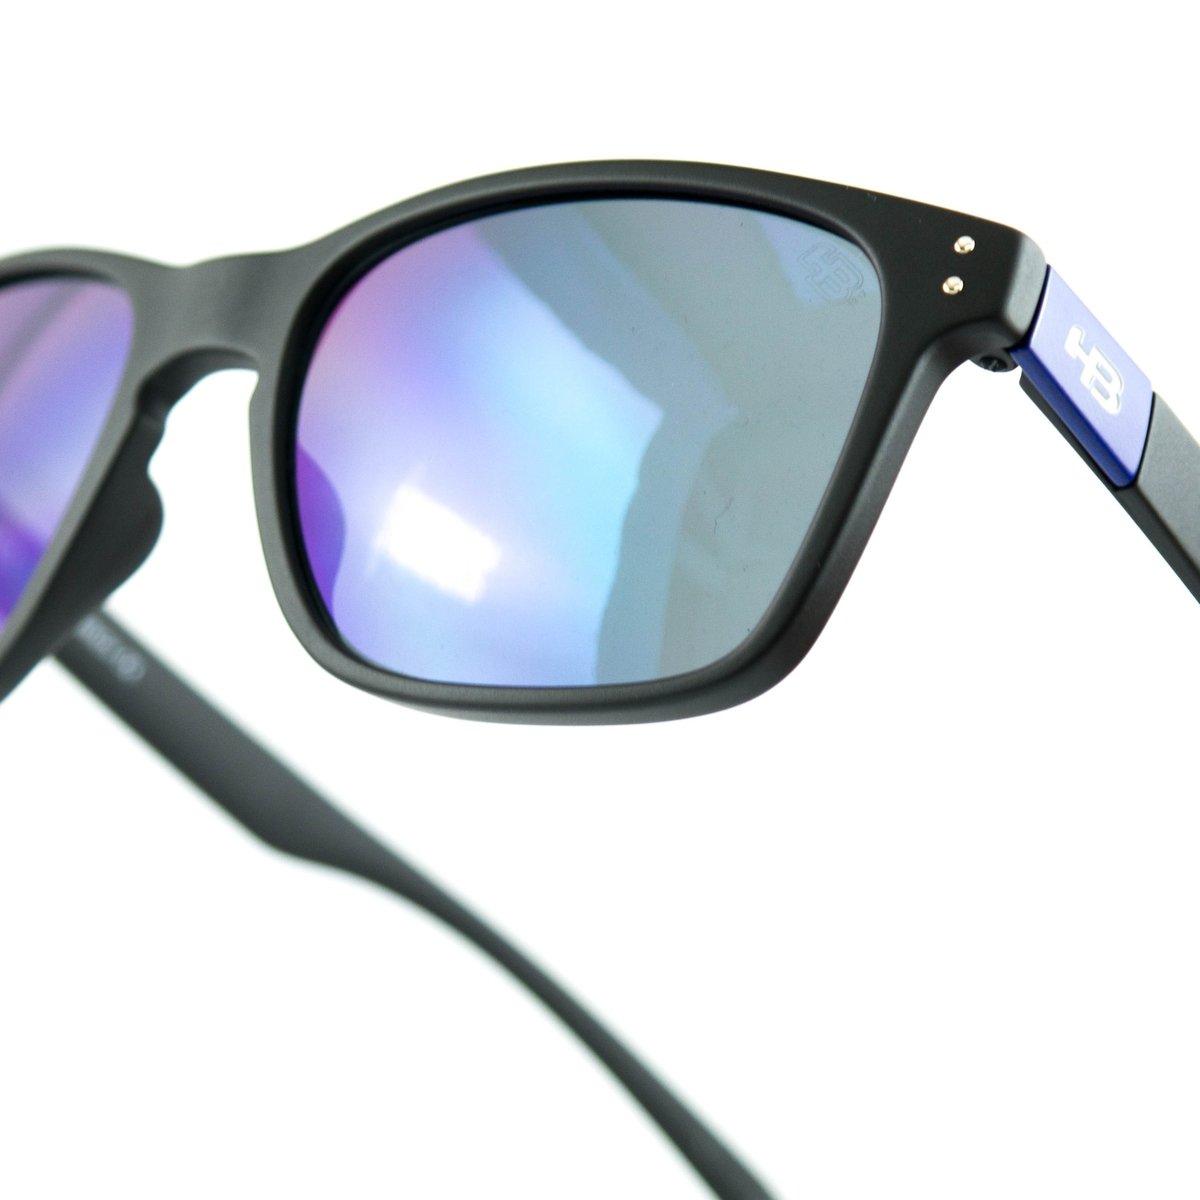 Óculos HB Gipps 2.0 - Preto e Azul - Compre Agora   Netshoes daa59a008a